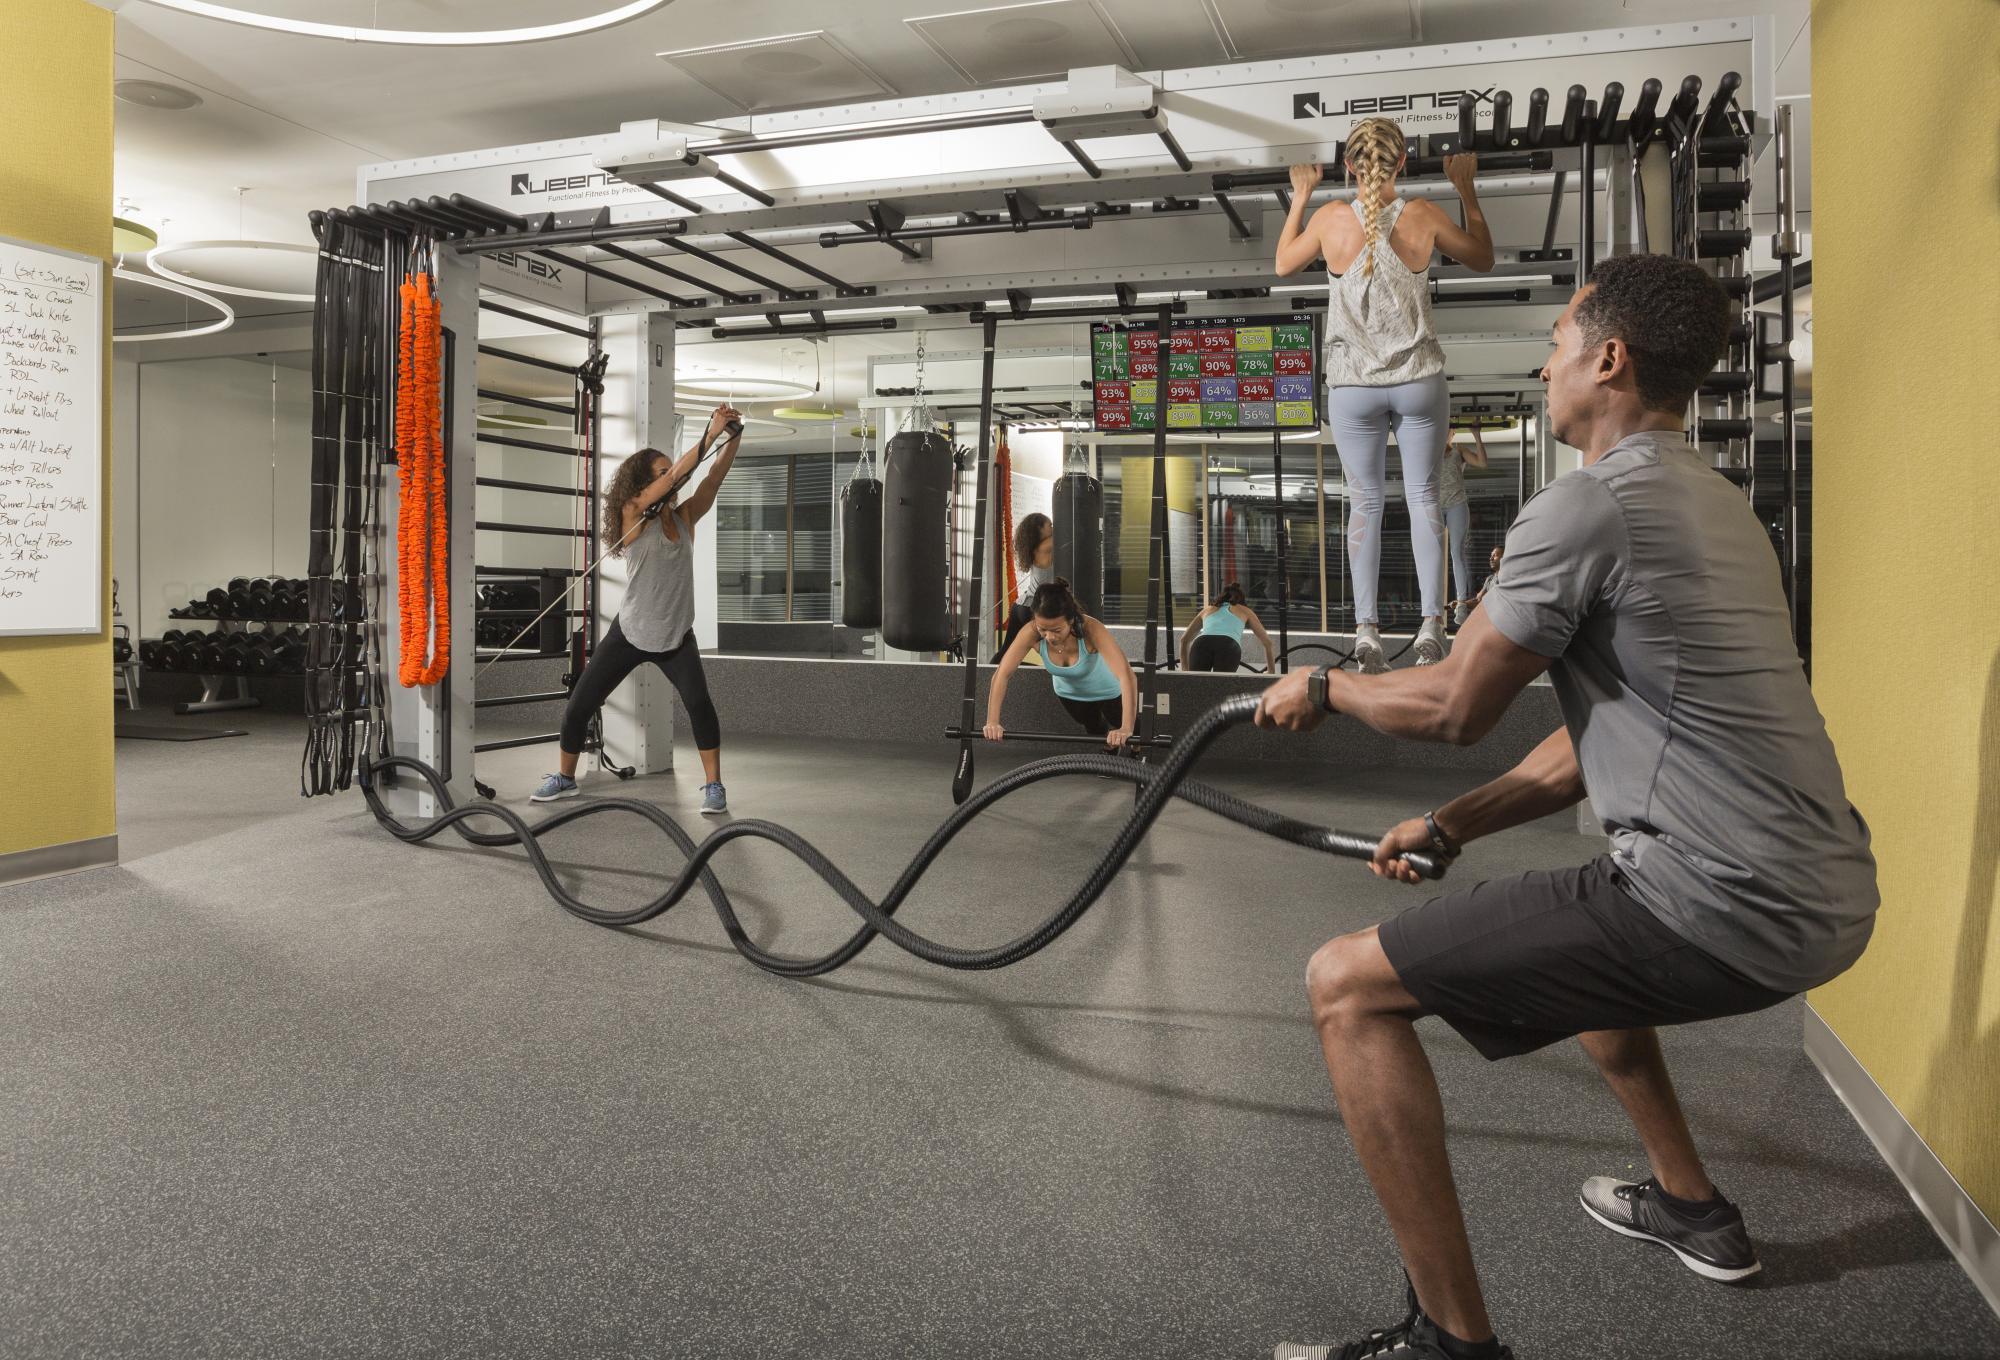 Физподготовка бойца от андрея басынина — функциональный тренинг, сфп, кроссфит, тренировка бойцов | тренинги